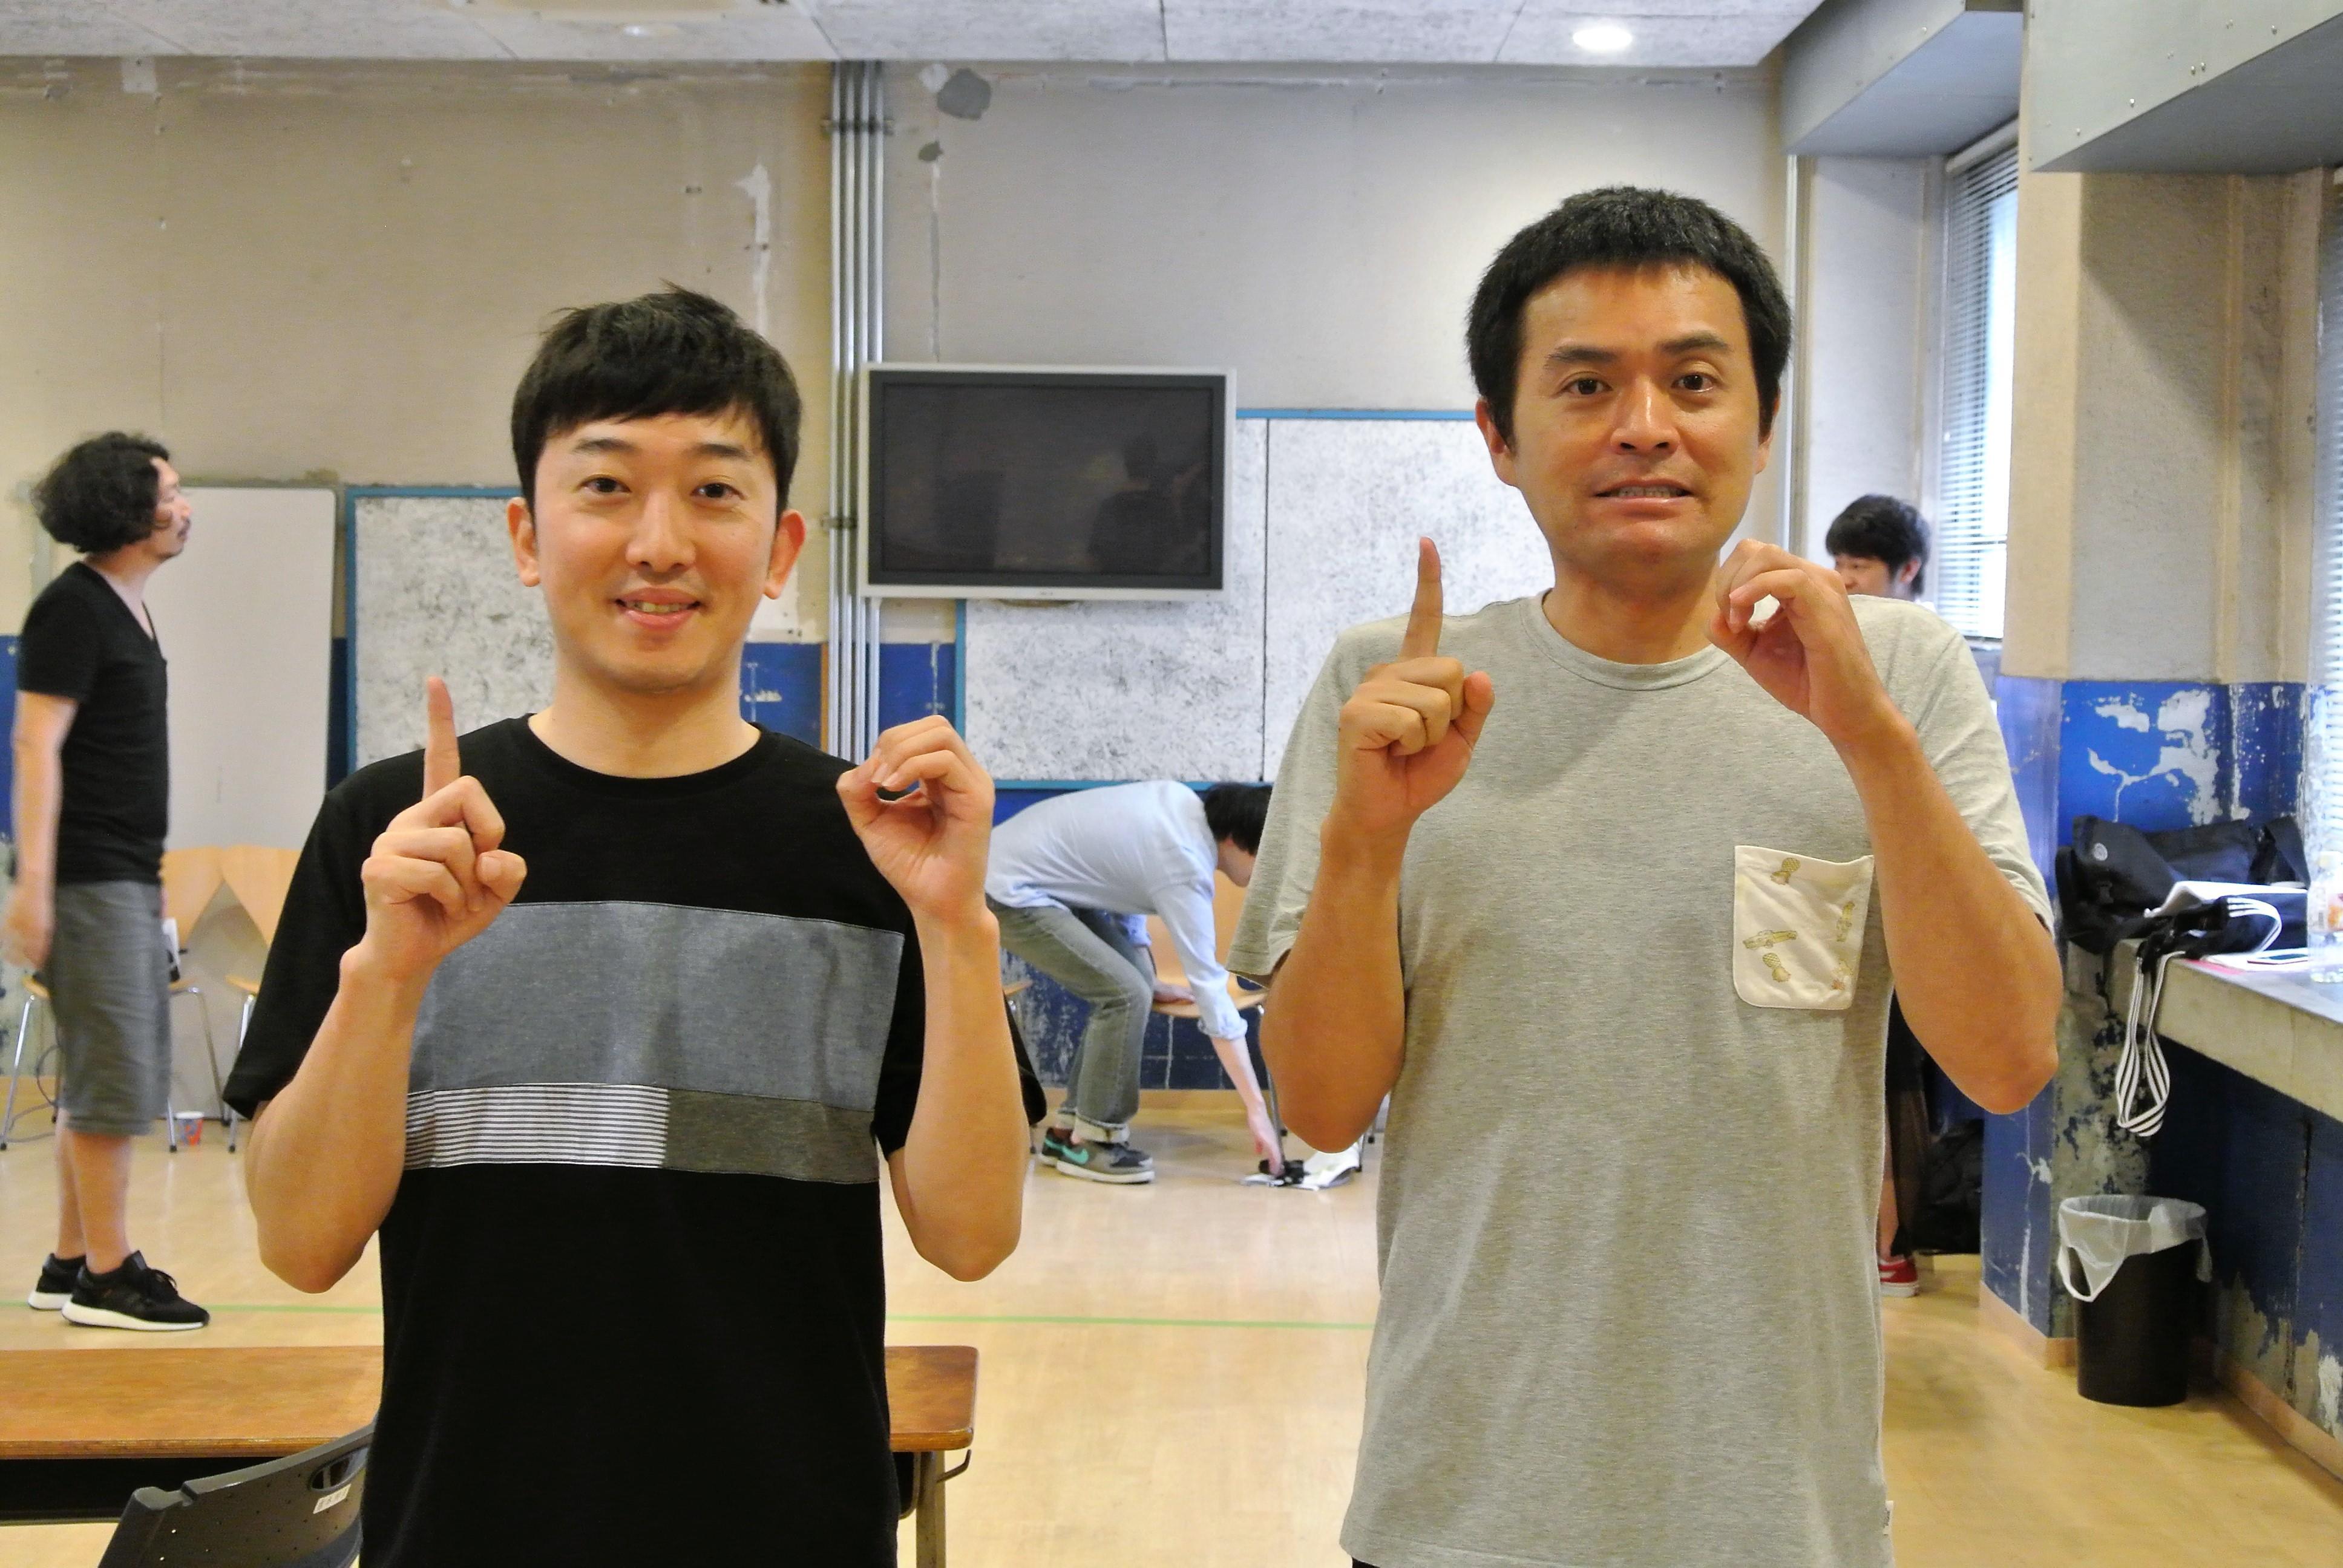 http://news.yoshimoto.co.jp/20170624161026-627db2381e8b149da0eb693c6f35f19bdf588116.jpg